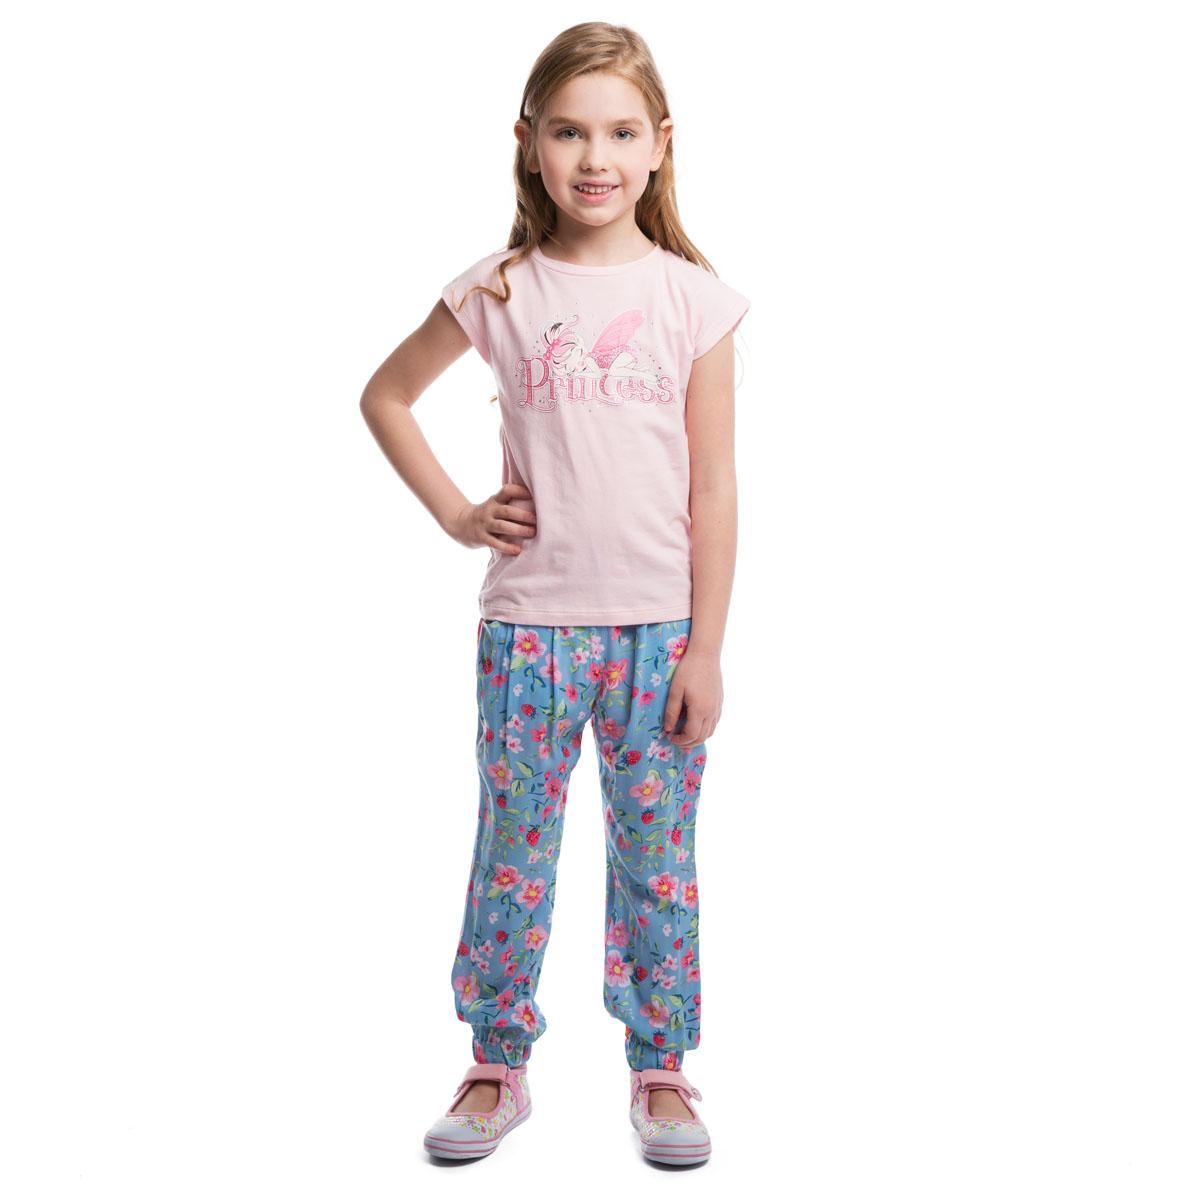 Футболка для девочки PlayToday, цвет: светло-розовый. 262014. Размер 98, 3 года262014Футболка для девочки PlayToday идеально подойдет вашей маленькой моднице и станет отличным дополнением к ее гардеробу. Изготовленная из эластичного хлопка, она мягкая и приятная на ощупь, не сковывает движения ребенка и позволяет коже дышать, обеспечивая наибольший комфорт.Футболка с круглым вырезом горловины и цельнокроеными короткими рукавами. Модель украшена спереди принтом с изображением феи, декорирована блестящим напылением и стразами. В такой футболке ваша маленькая принцесса будет чувствовать себя комфортно, уютно и всегда будет в центре внимания!